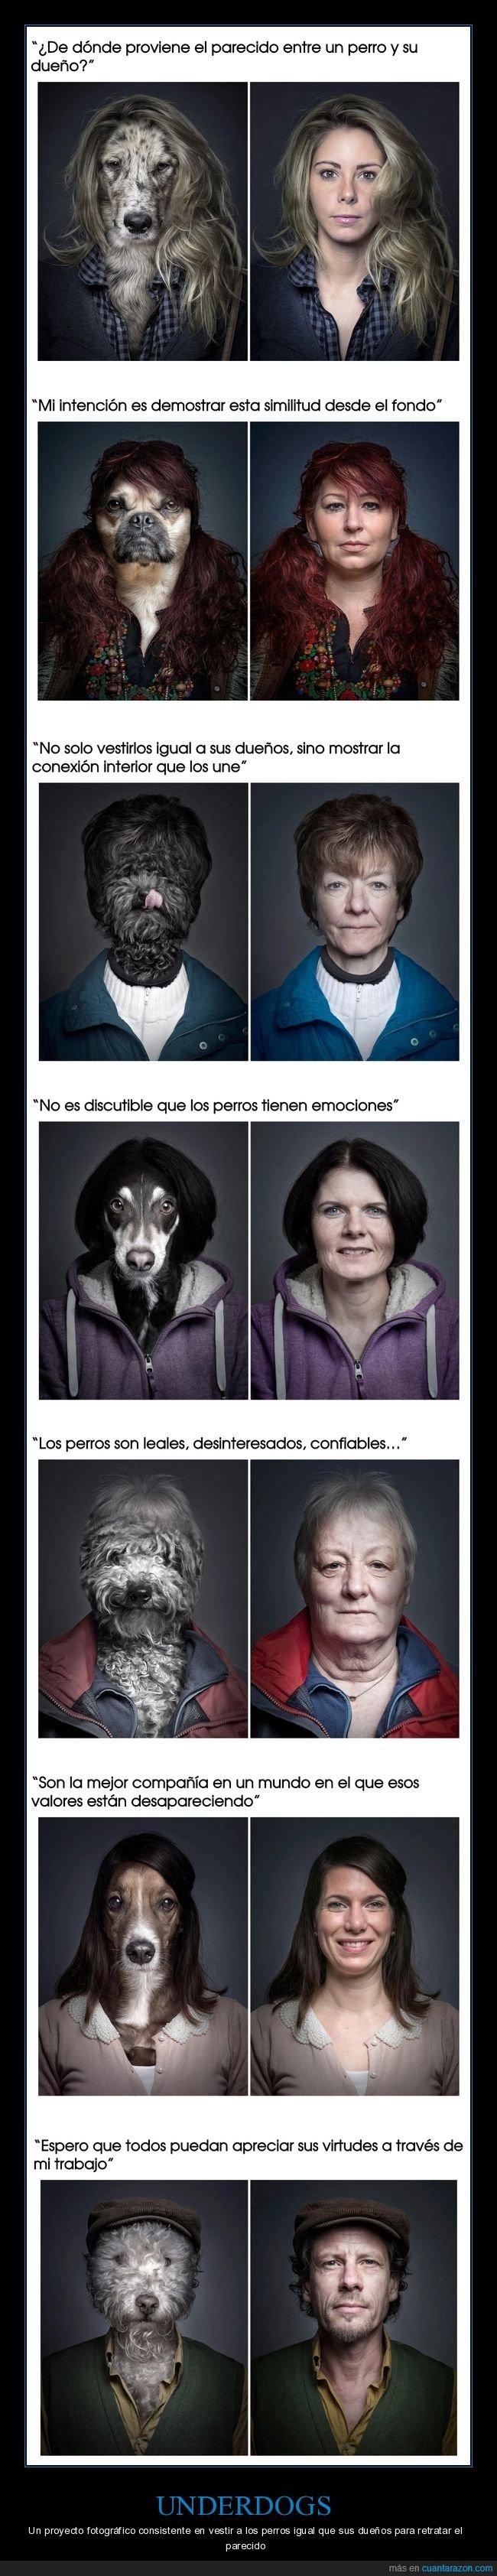 dueños,fotografía,parecidos,perros,underdogs,vestir